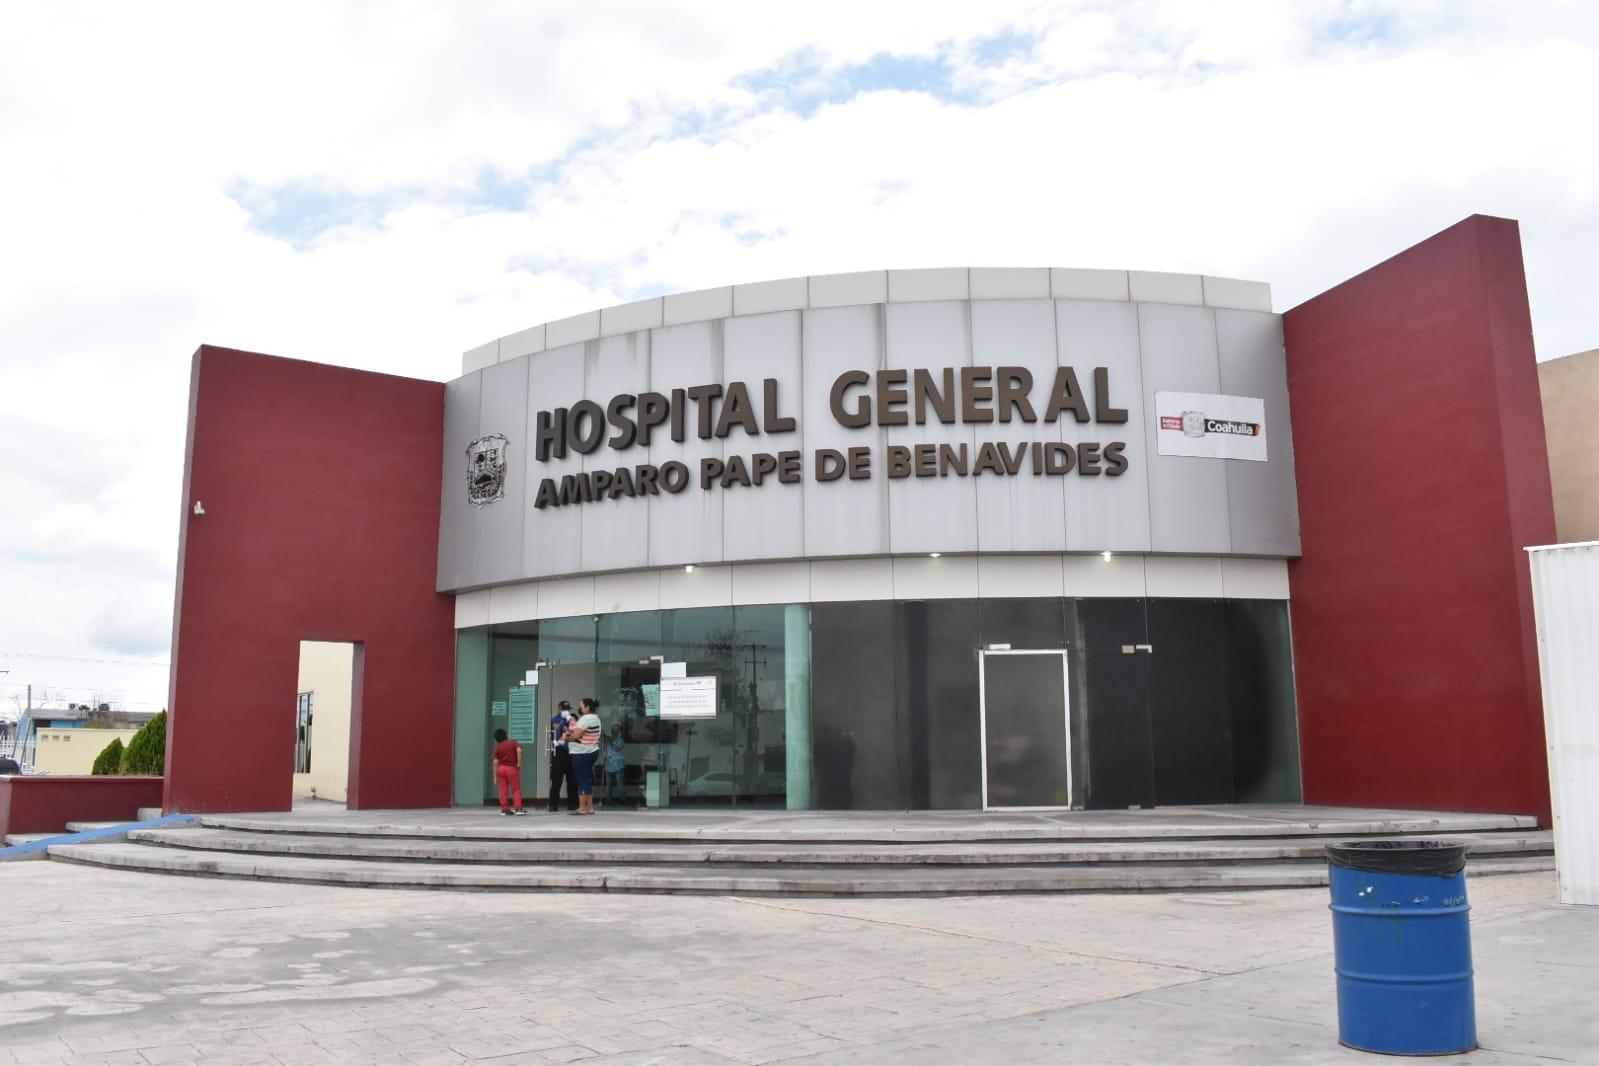 Autoridades sanitarias de Monclova esperan notificación sobre abortos